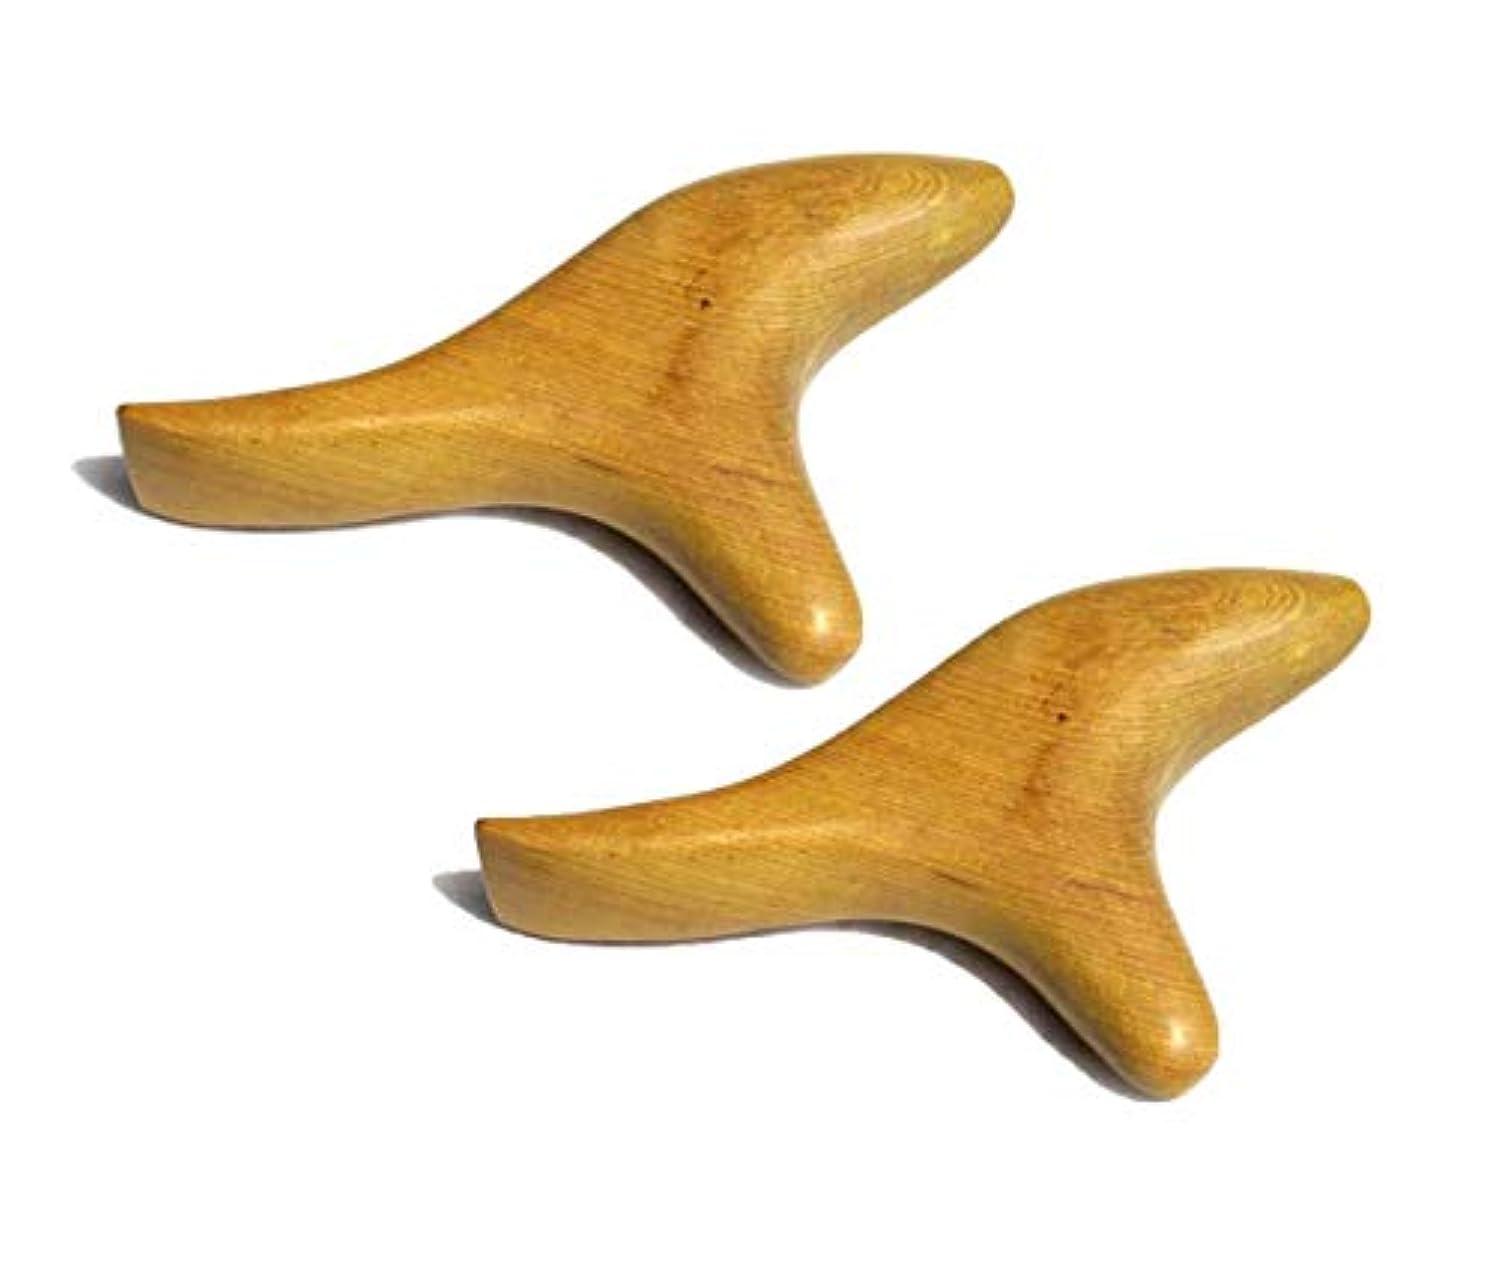 同時大工瞑想Viffly ウッドマッサージ棒 握りタイプ 天然木 オカリナ型(ウッドマッサージ棒2個)